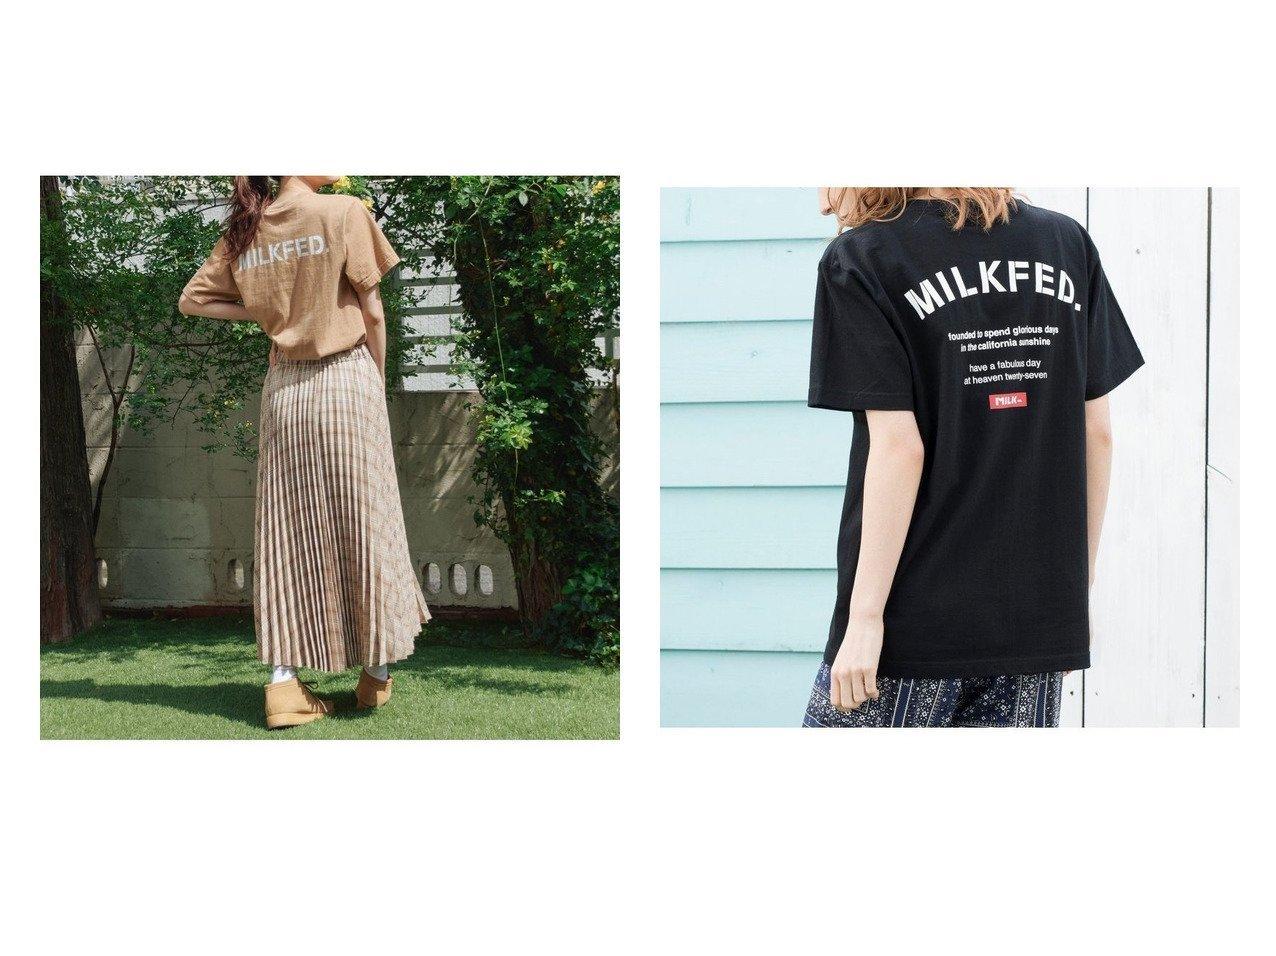 【MILKFED./ミルクフェド】のSS TEE ARCH STENCIL&TEE おすすめ!人気、トレンド・レディースファッションの通販 おすすめで人気の流行・トレンド、ファッションの通販商品 インテリア・家具・メンズファッション・キッズファッション・レディースファッション・服の通販 founy(ファニー) https://founy.com/ ファッション Fashion レディースファッション WOMEN トップス・カットソー Tops/Tshirt シャツ/ブラウス Shirts/Blouses ロング / Tシャツ T-Shirts カットソー Cut and Sewn インナー カットソー ガーリー 今季 スタンダード トレンド プリント ベーシック 半袖 ロング S/S・春夏 SS・Spring/Summer 春 Spring キャミワンピース シンプル ジャケット デニム フェミニン 羽織 メンズ おすすめ Recommend お家時間・ステイホーム Home Time/Stay Home 夏 Summer |ID:crp329100000064055